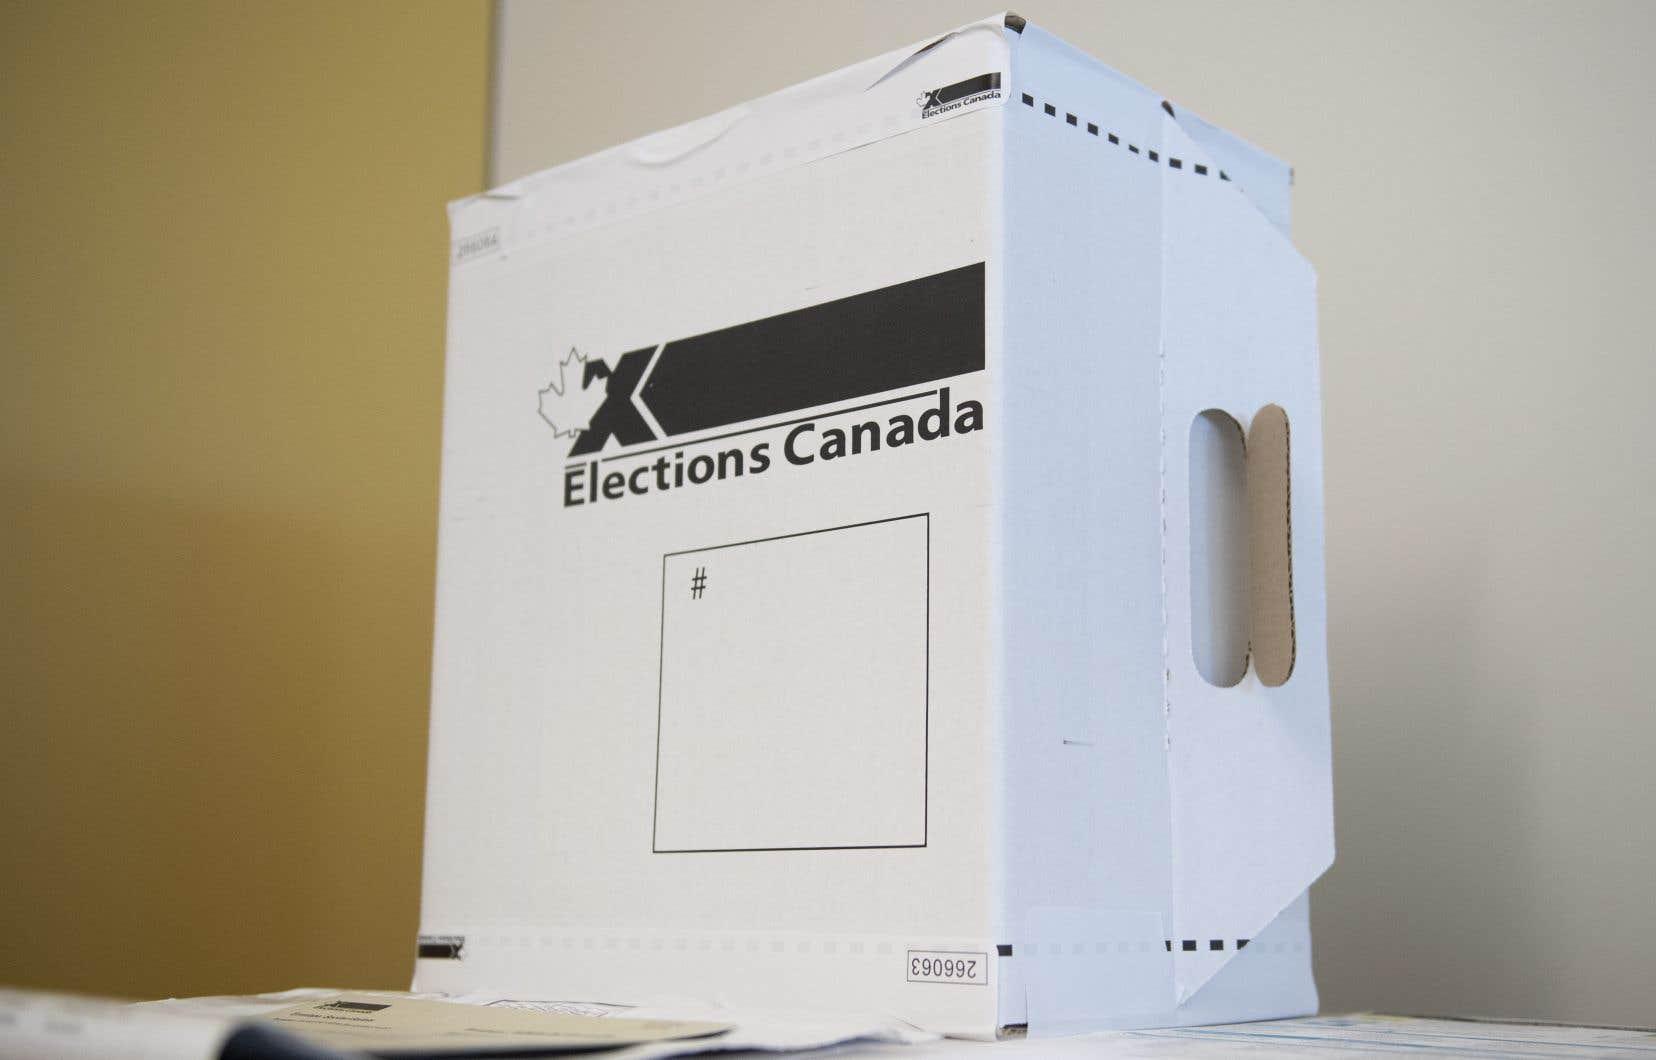 L'élection de l'automne 2019 aura par ailleurs été la plus coûteuse de l'histoire du Canada, avec un coût estimé de 504millions de dollars.